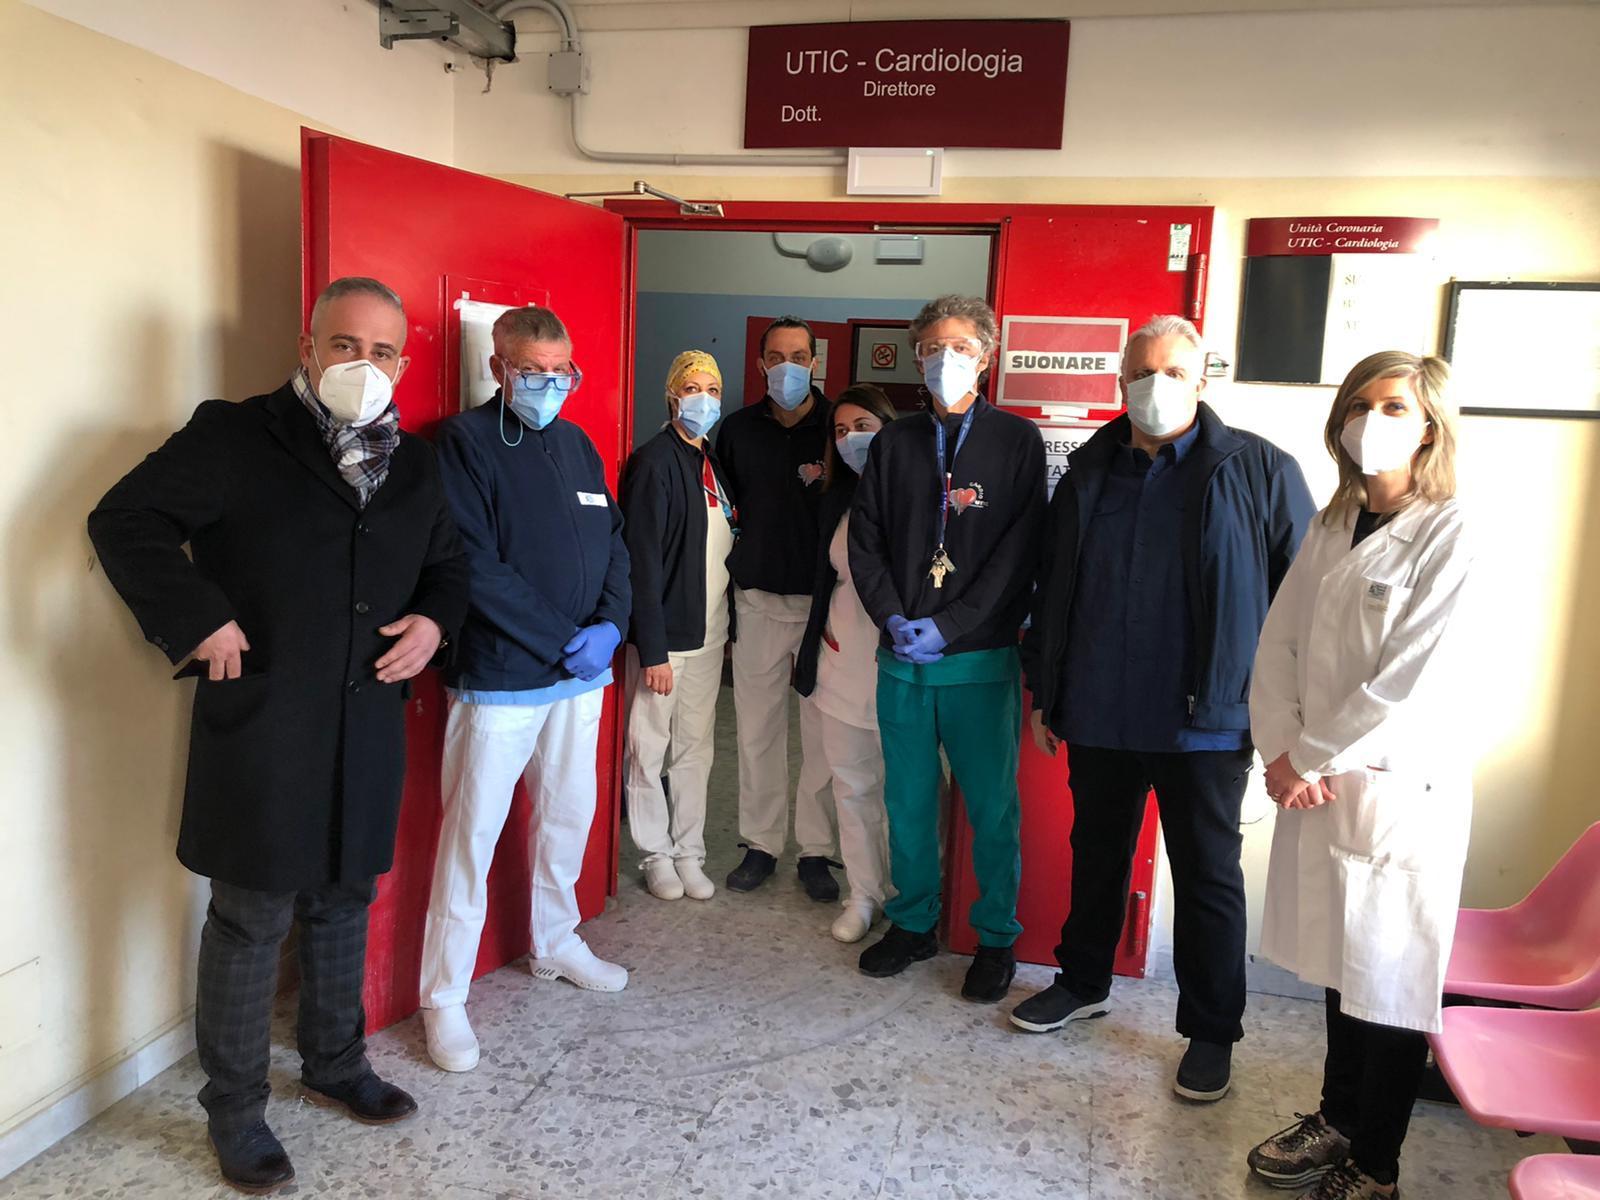 Donati dispostivi di sicurezza Covid al pronto soccorso e all'UTIC dell'ospedale di Avezzano